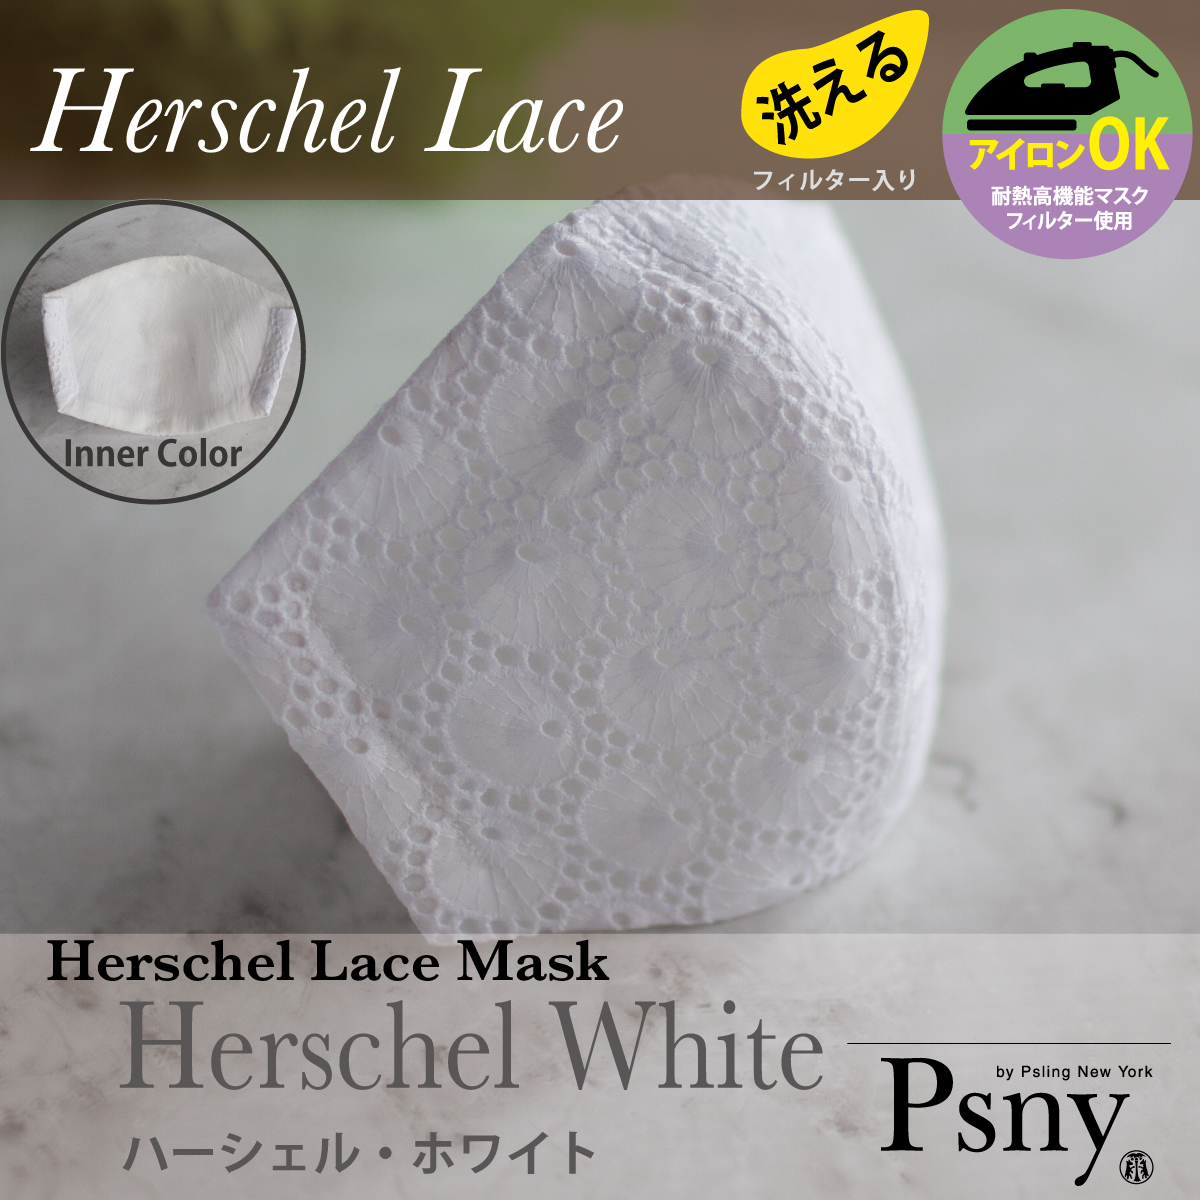 ハーシェル・レース・ホワイト 花粉 黄砂 洗えるフィルター入り 立体 マスク 大人用